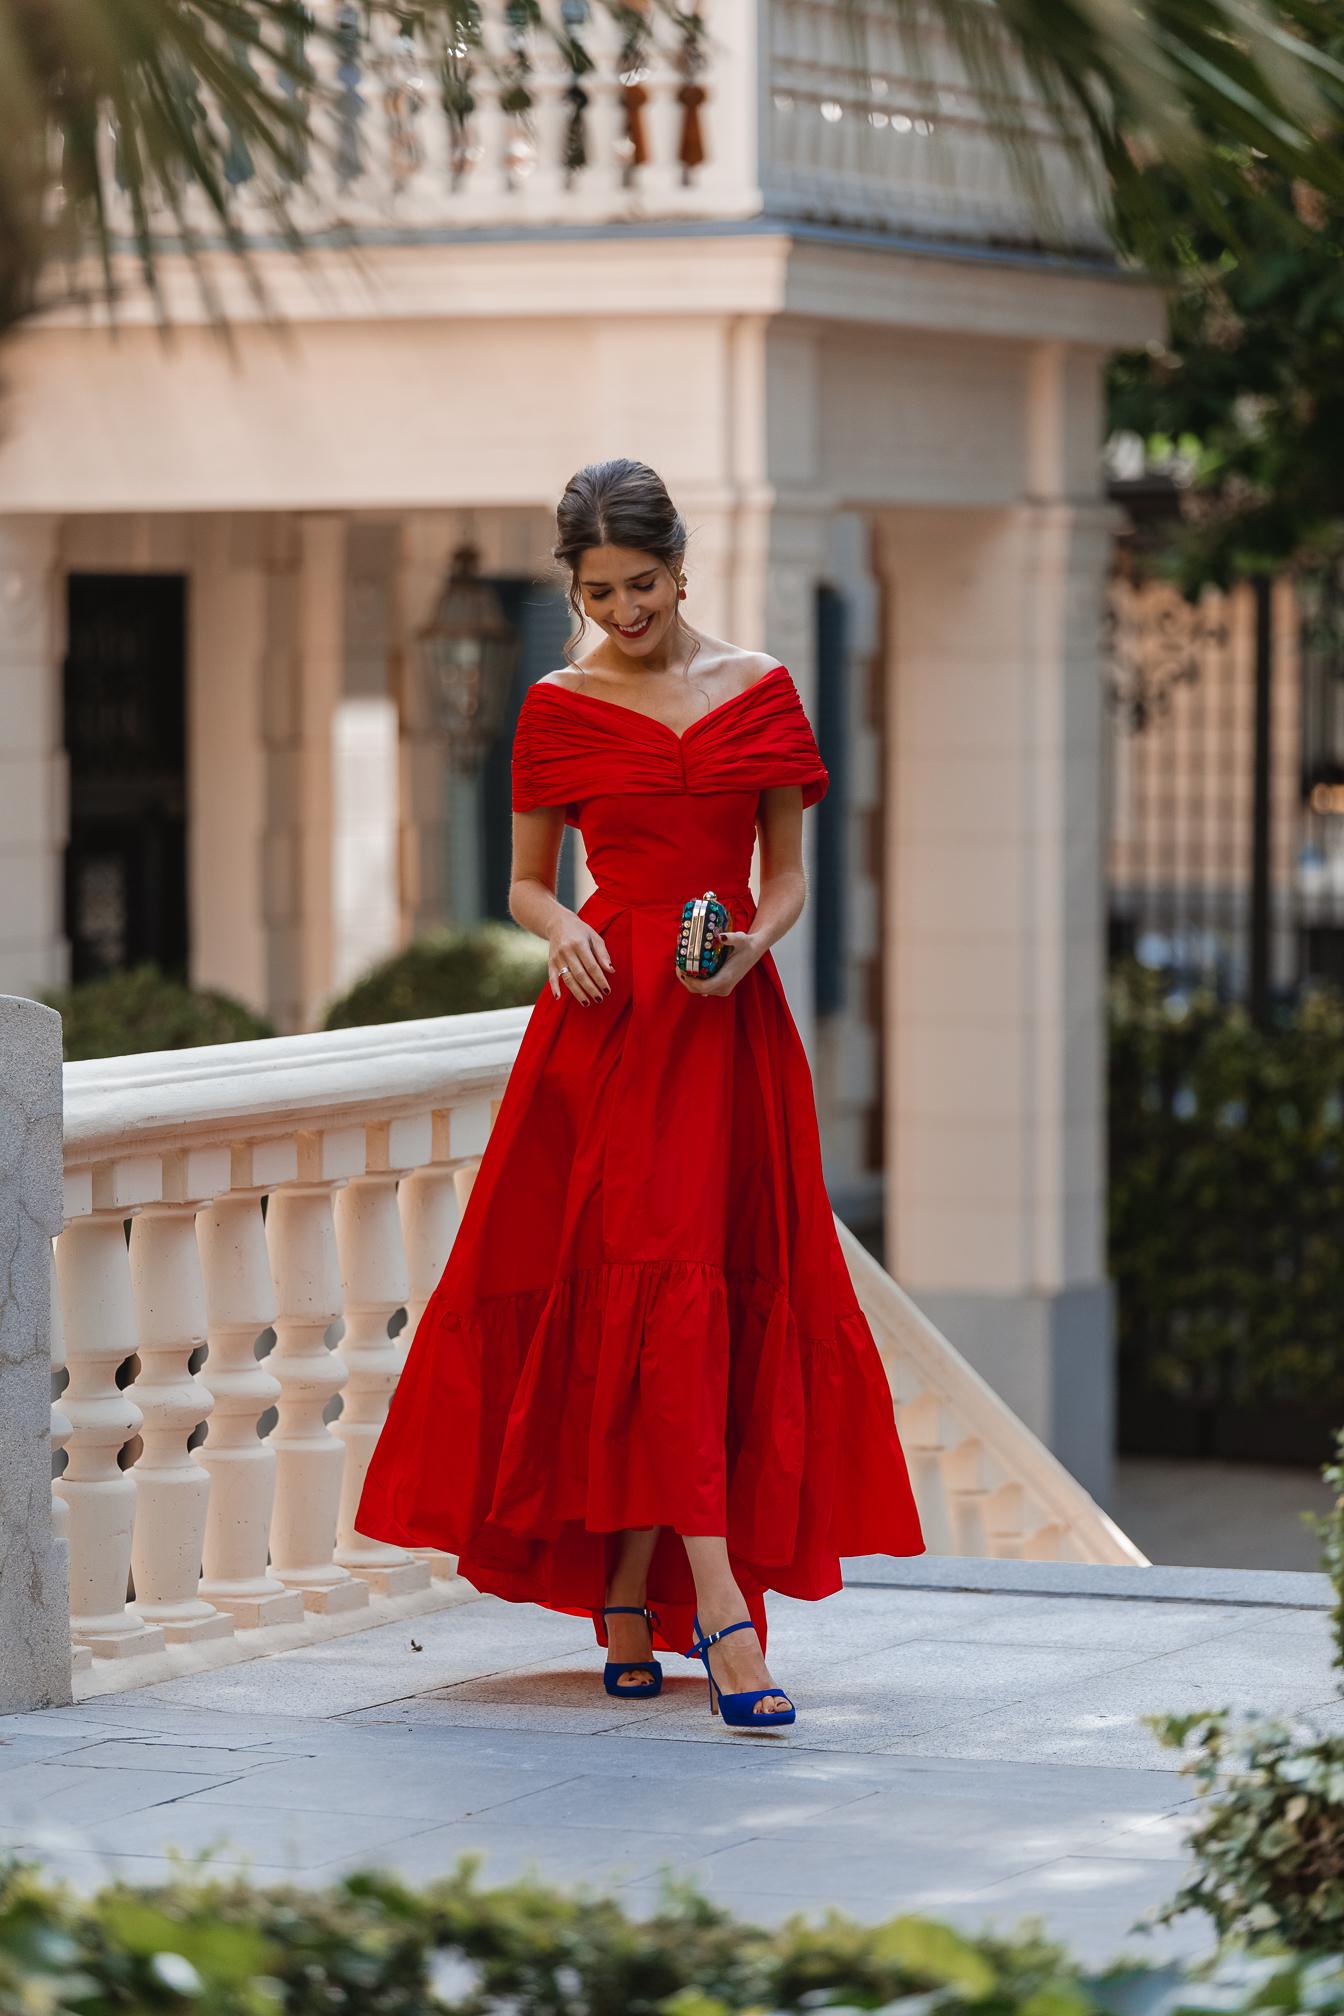 invitada boda noche 2021 vestido